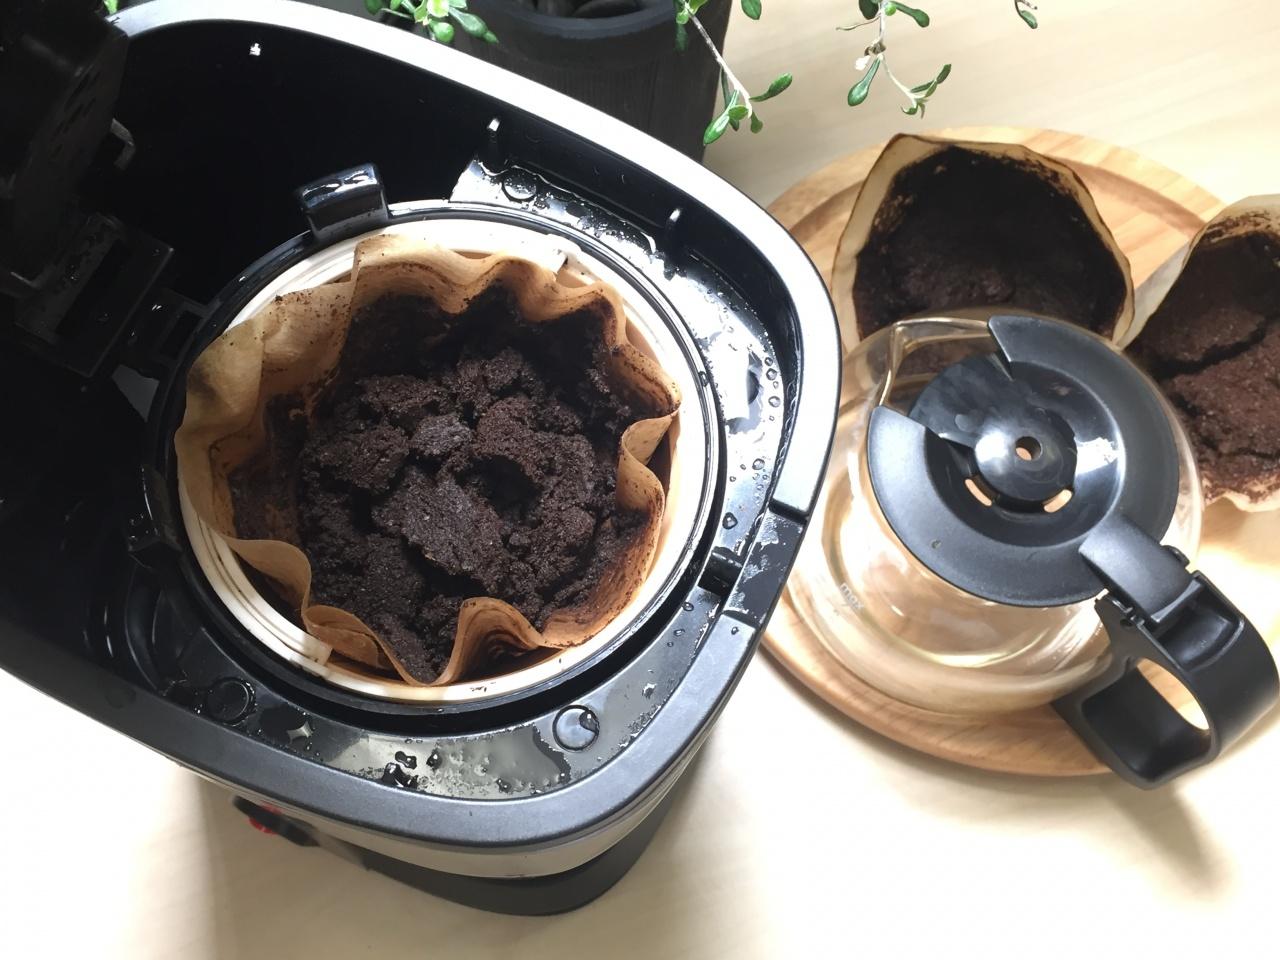 咖啡渣拋棄太可惜,需好好善用。(陳嘉元攝)